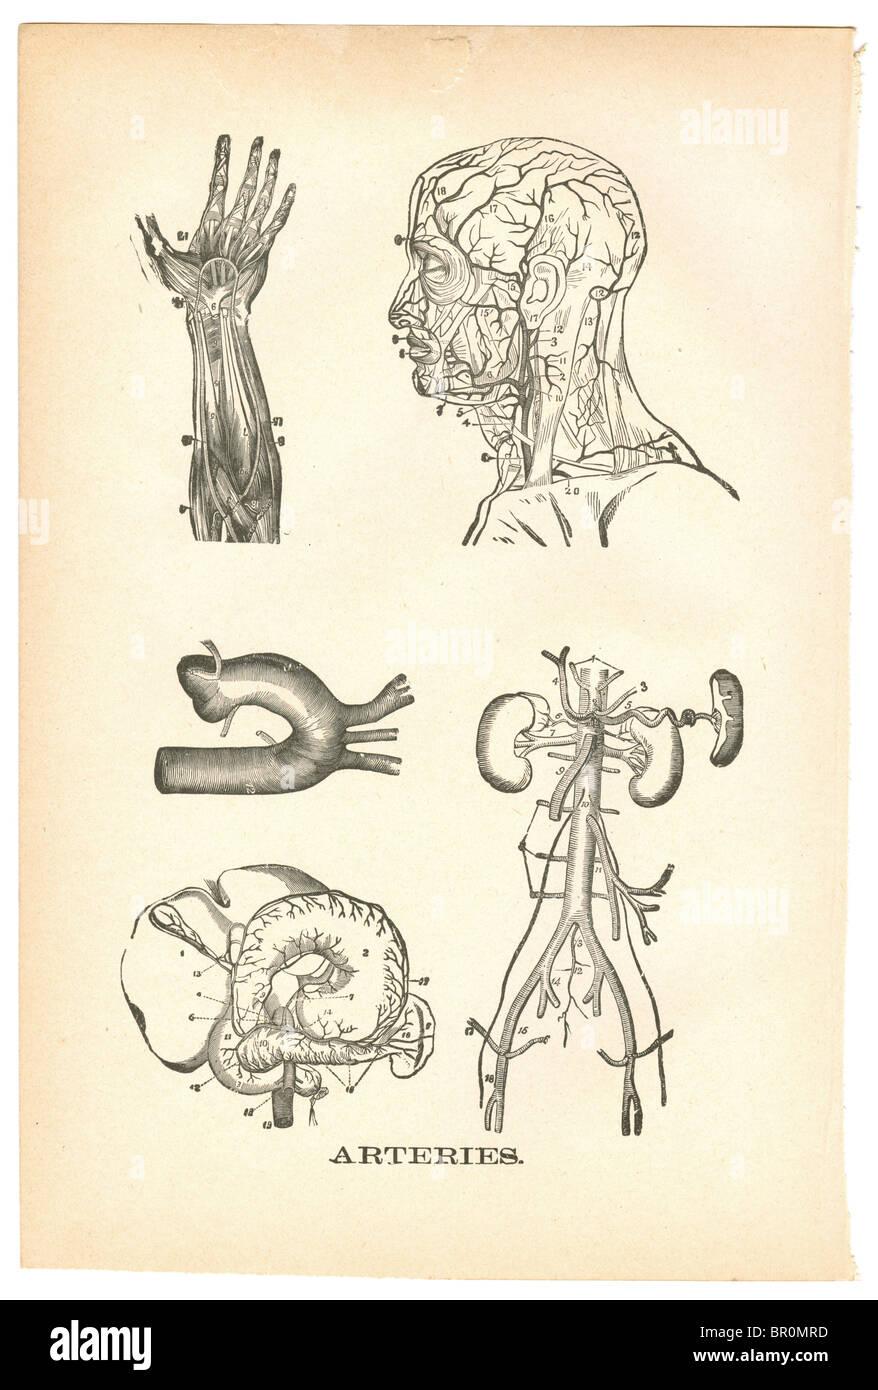 Le illustrazioni delle arterie da un'annata medical prenota Immagini Stock